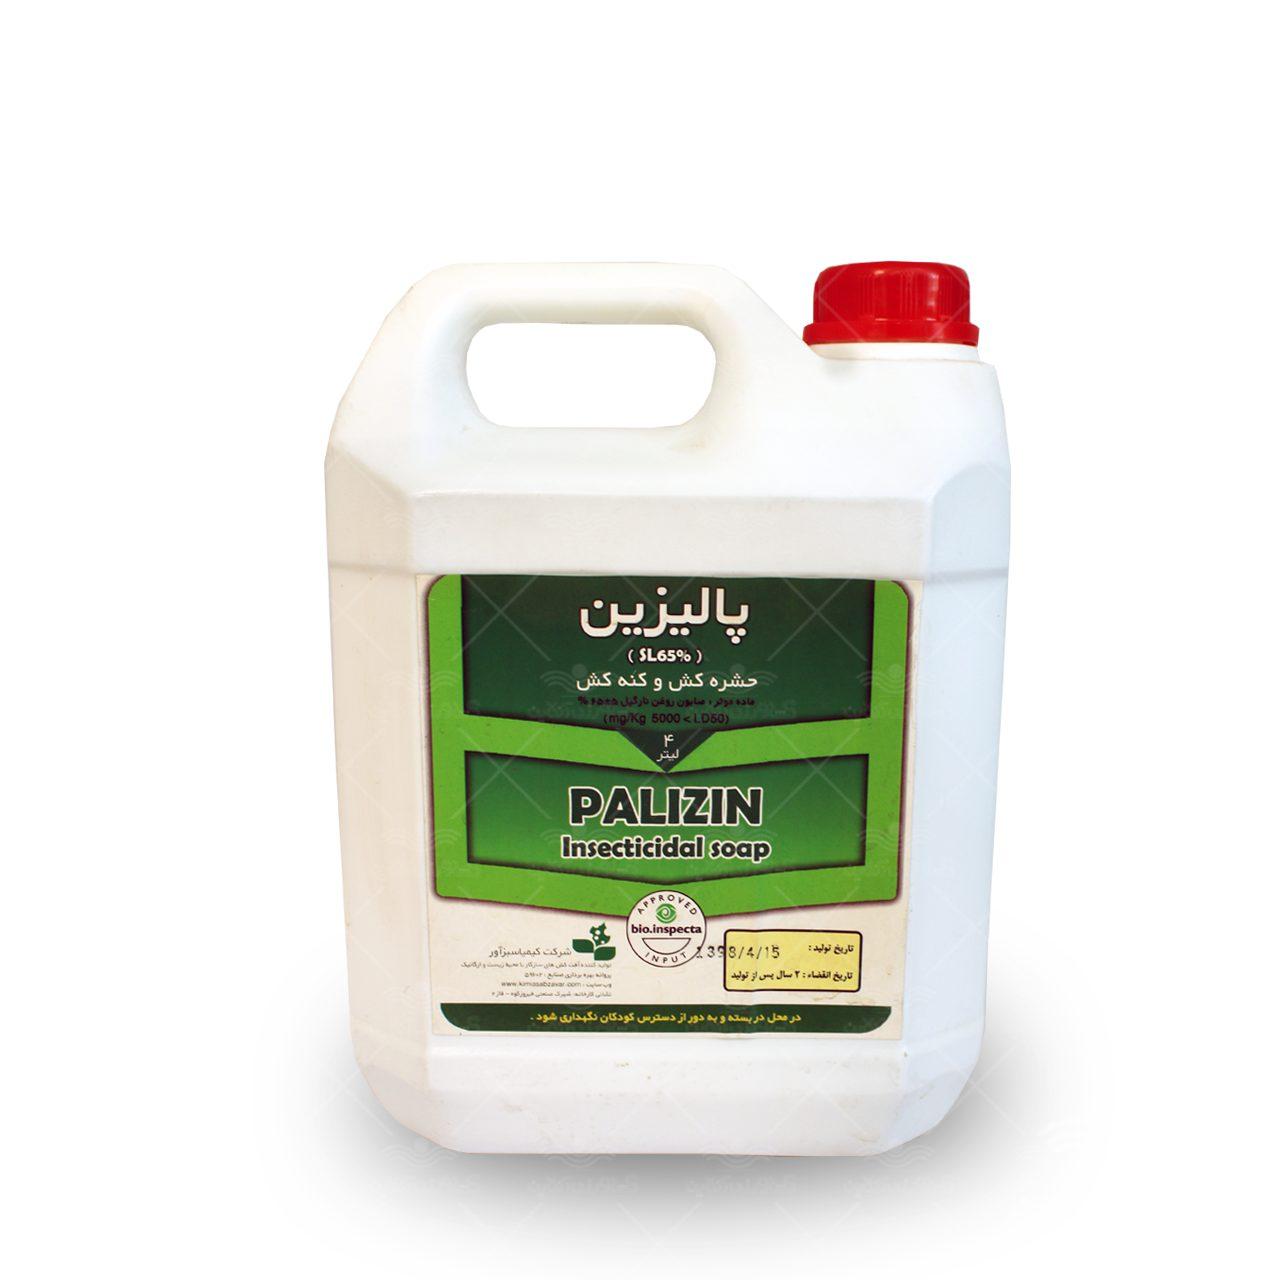 دفع کننده بیولوژیک و ارگانیک حشرات گیاهان پالیزین 4 لیتری